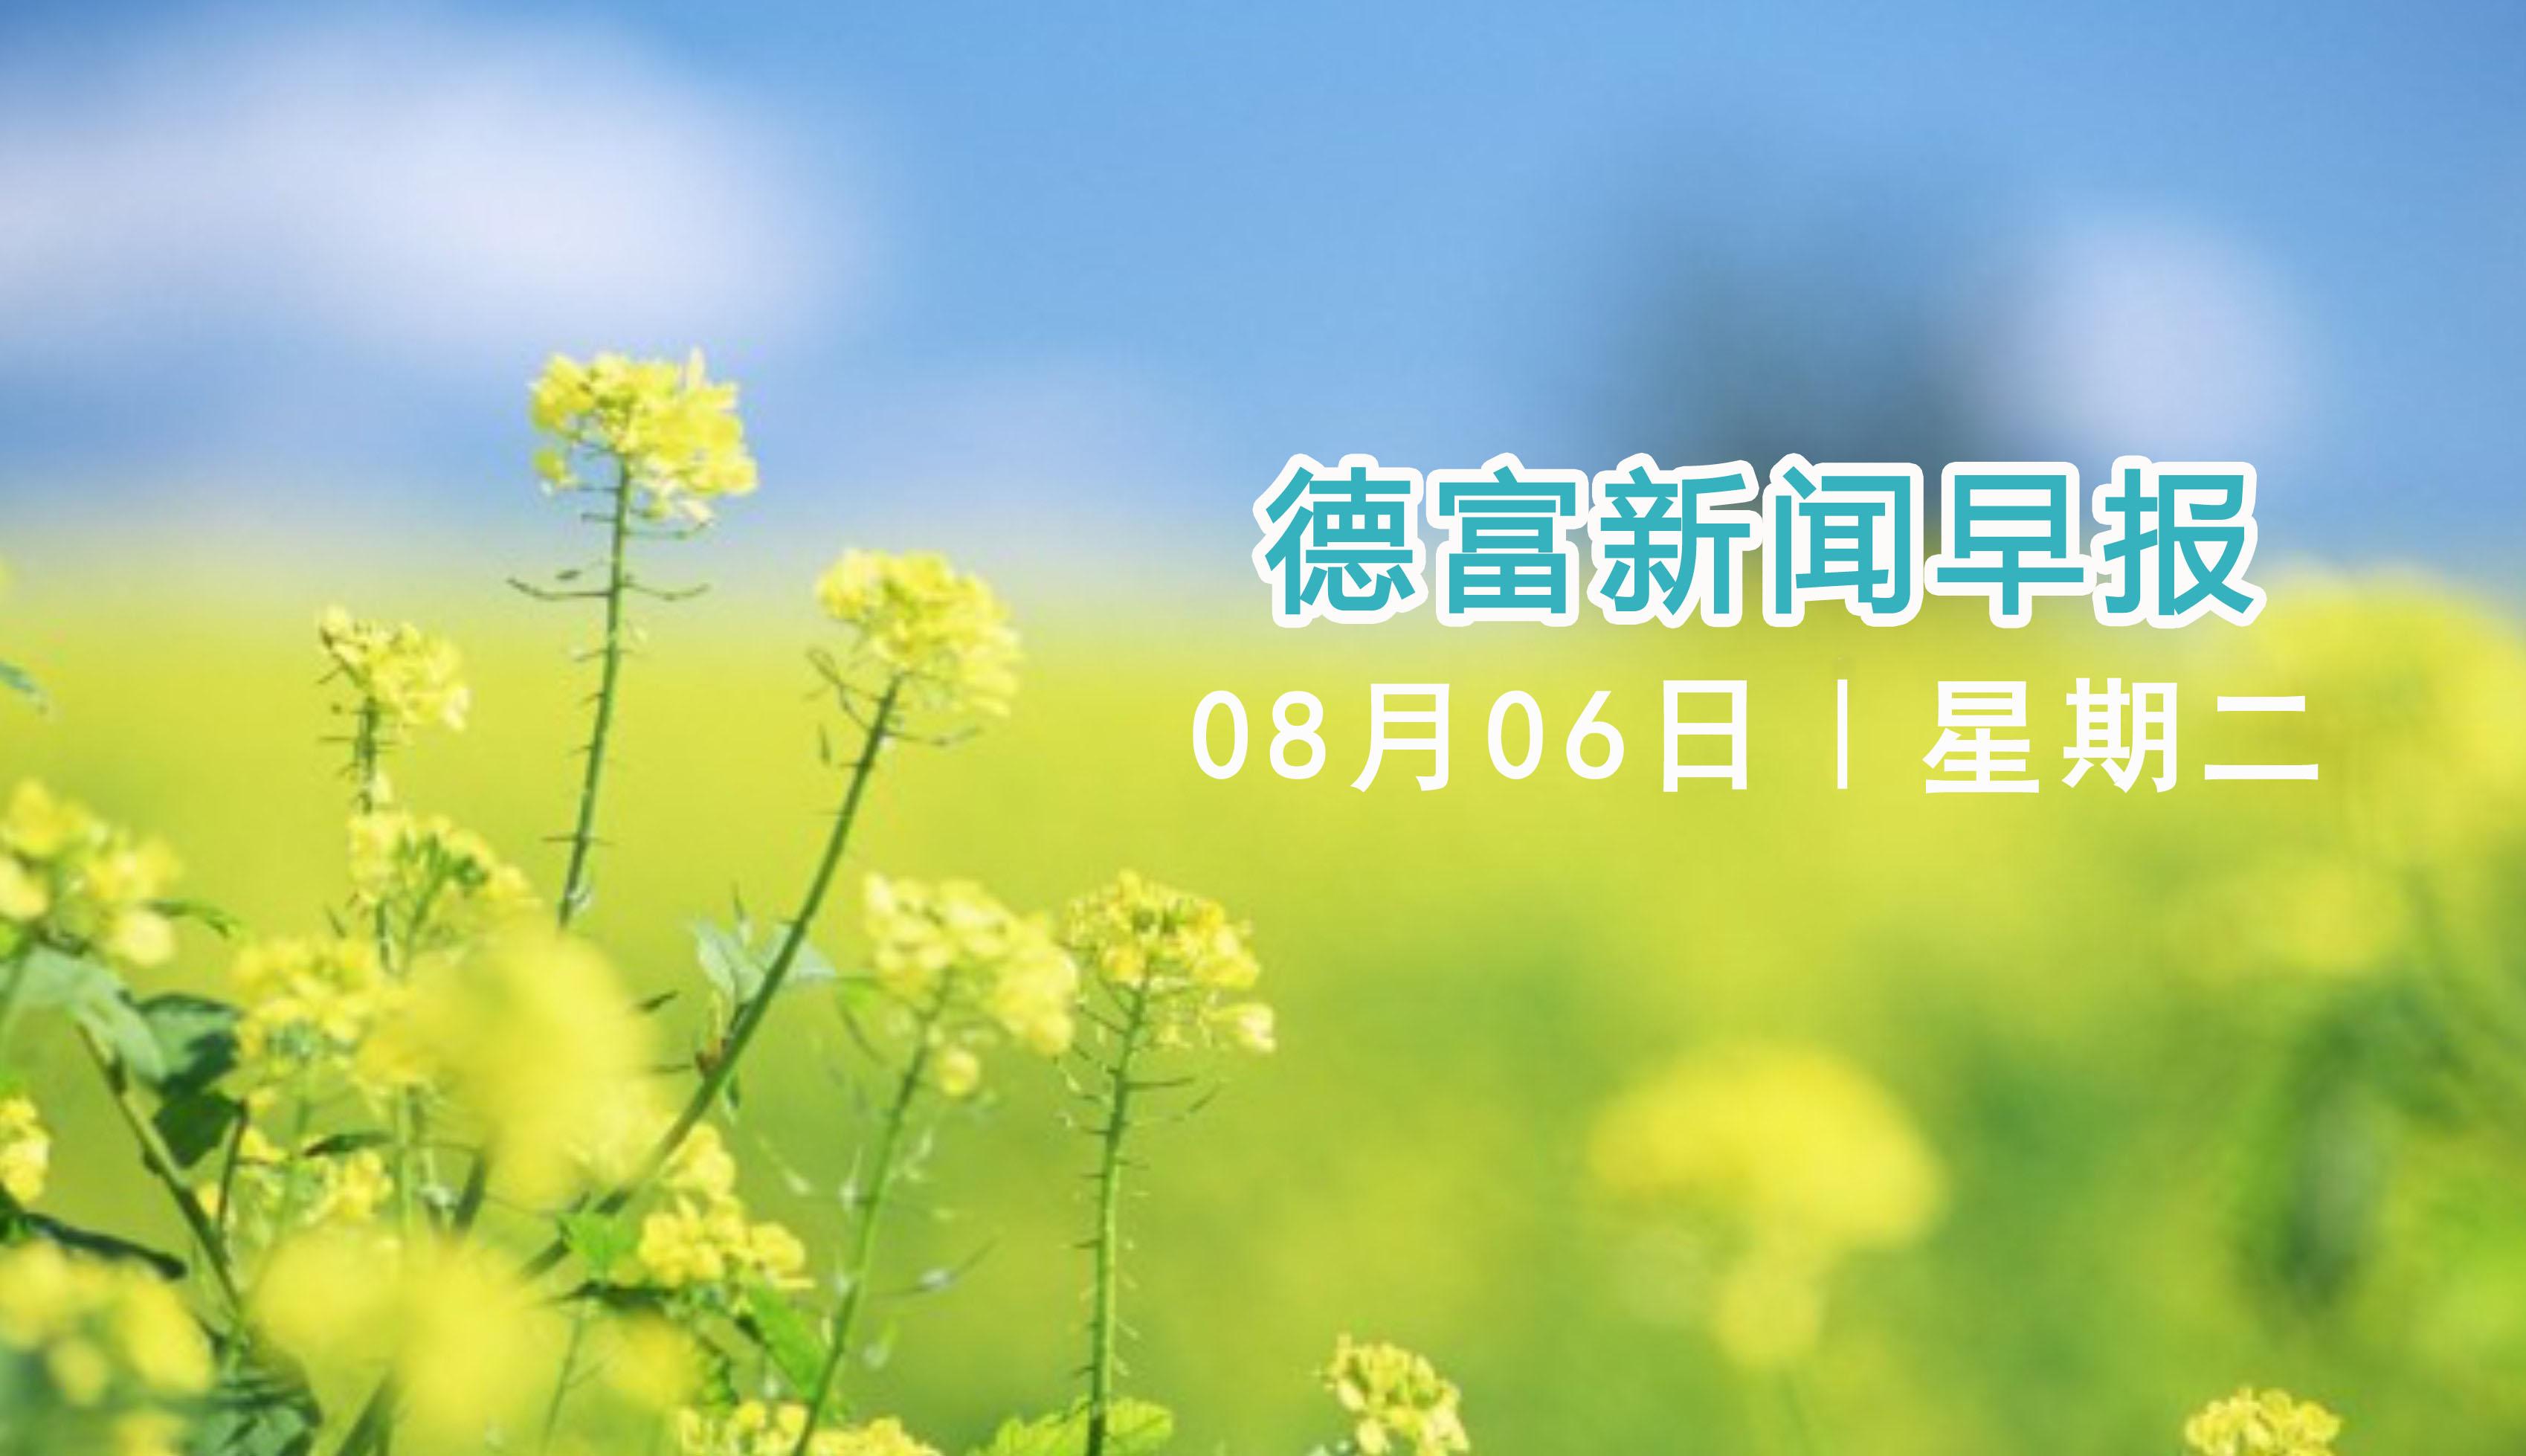 20190820德富新闻早报